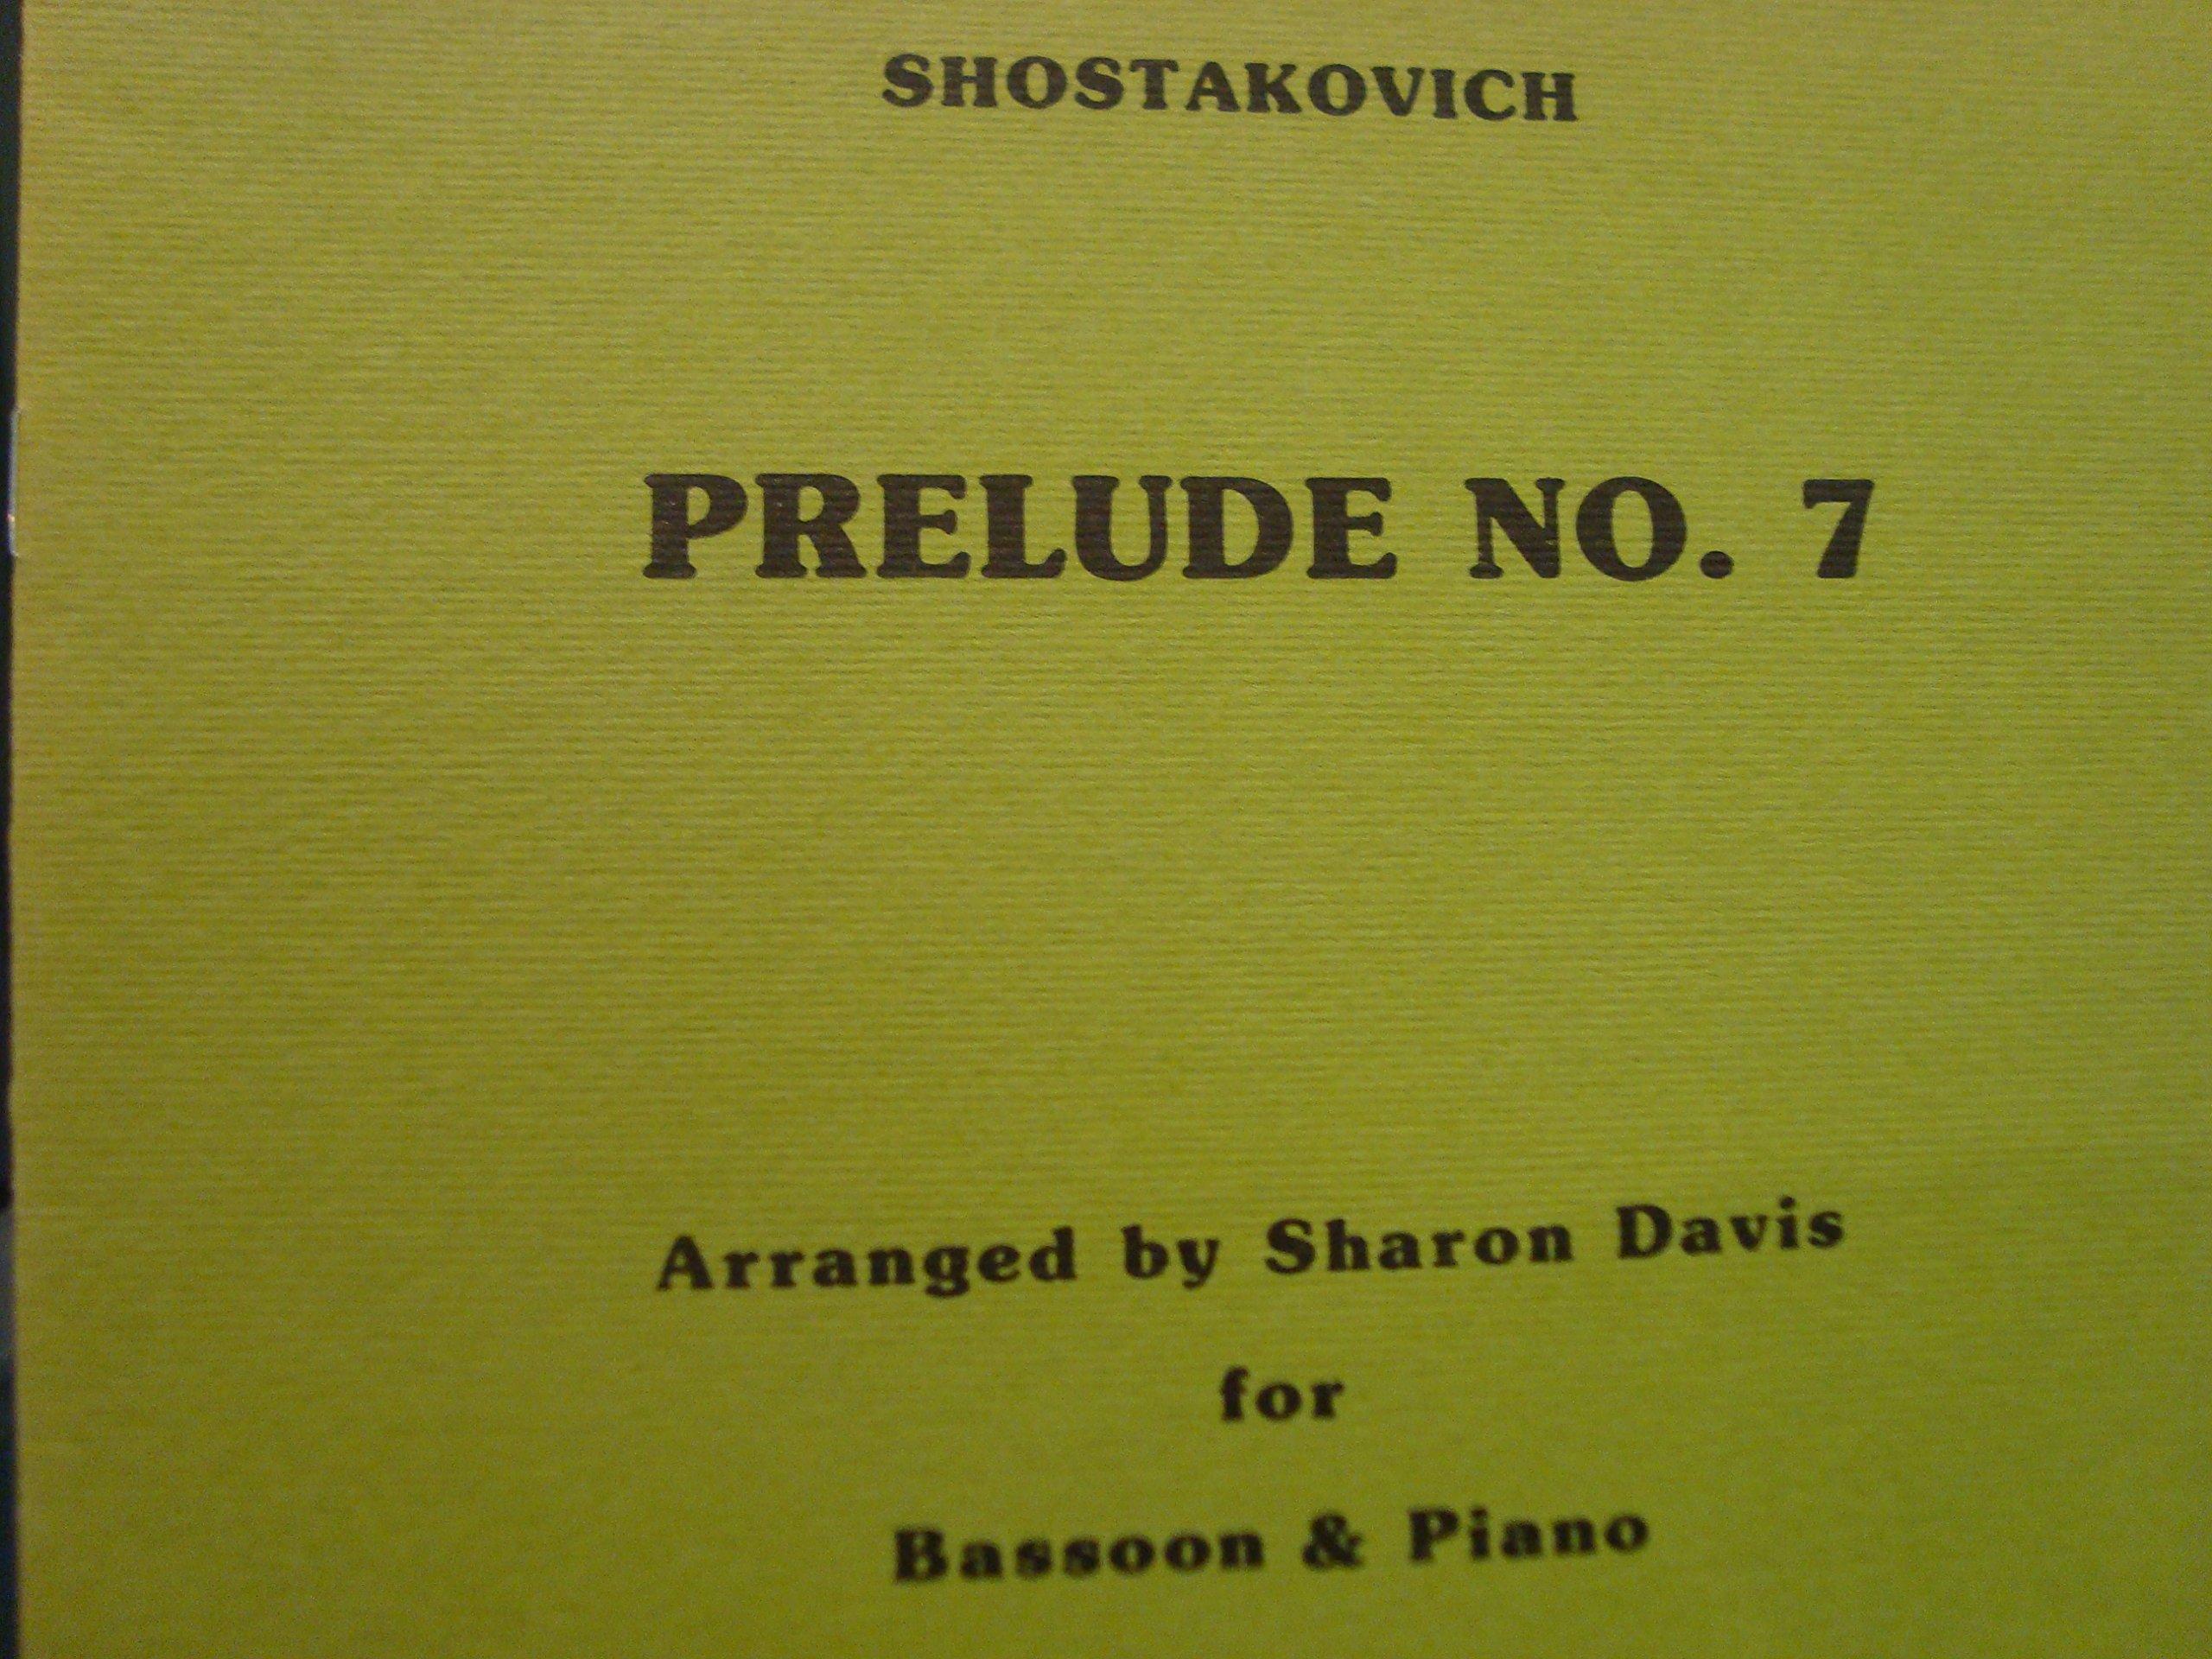 Prelude No. 7 / Shostakovich / for Bassoon & Piano